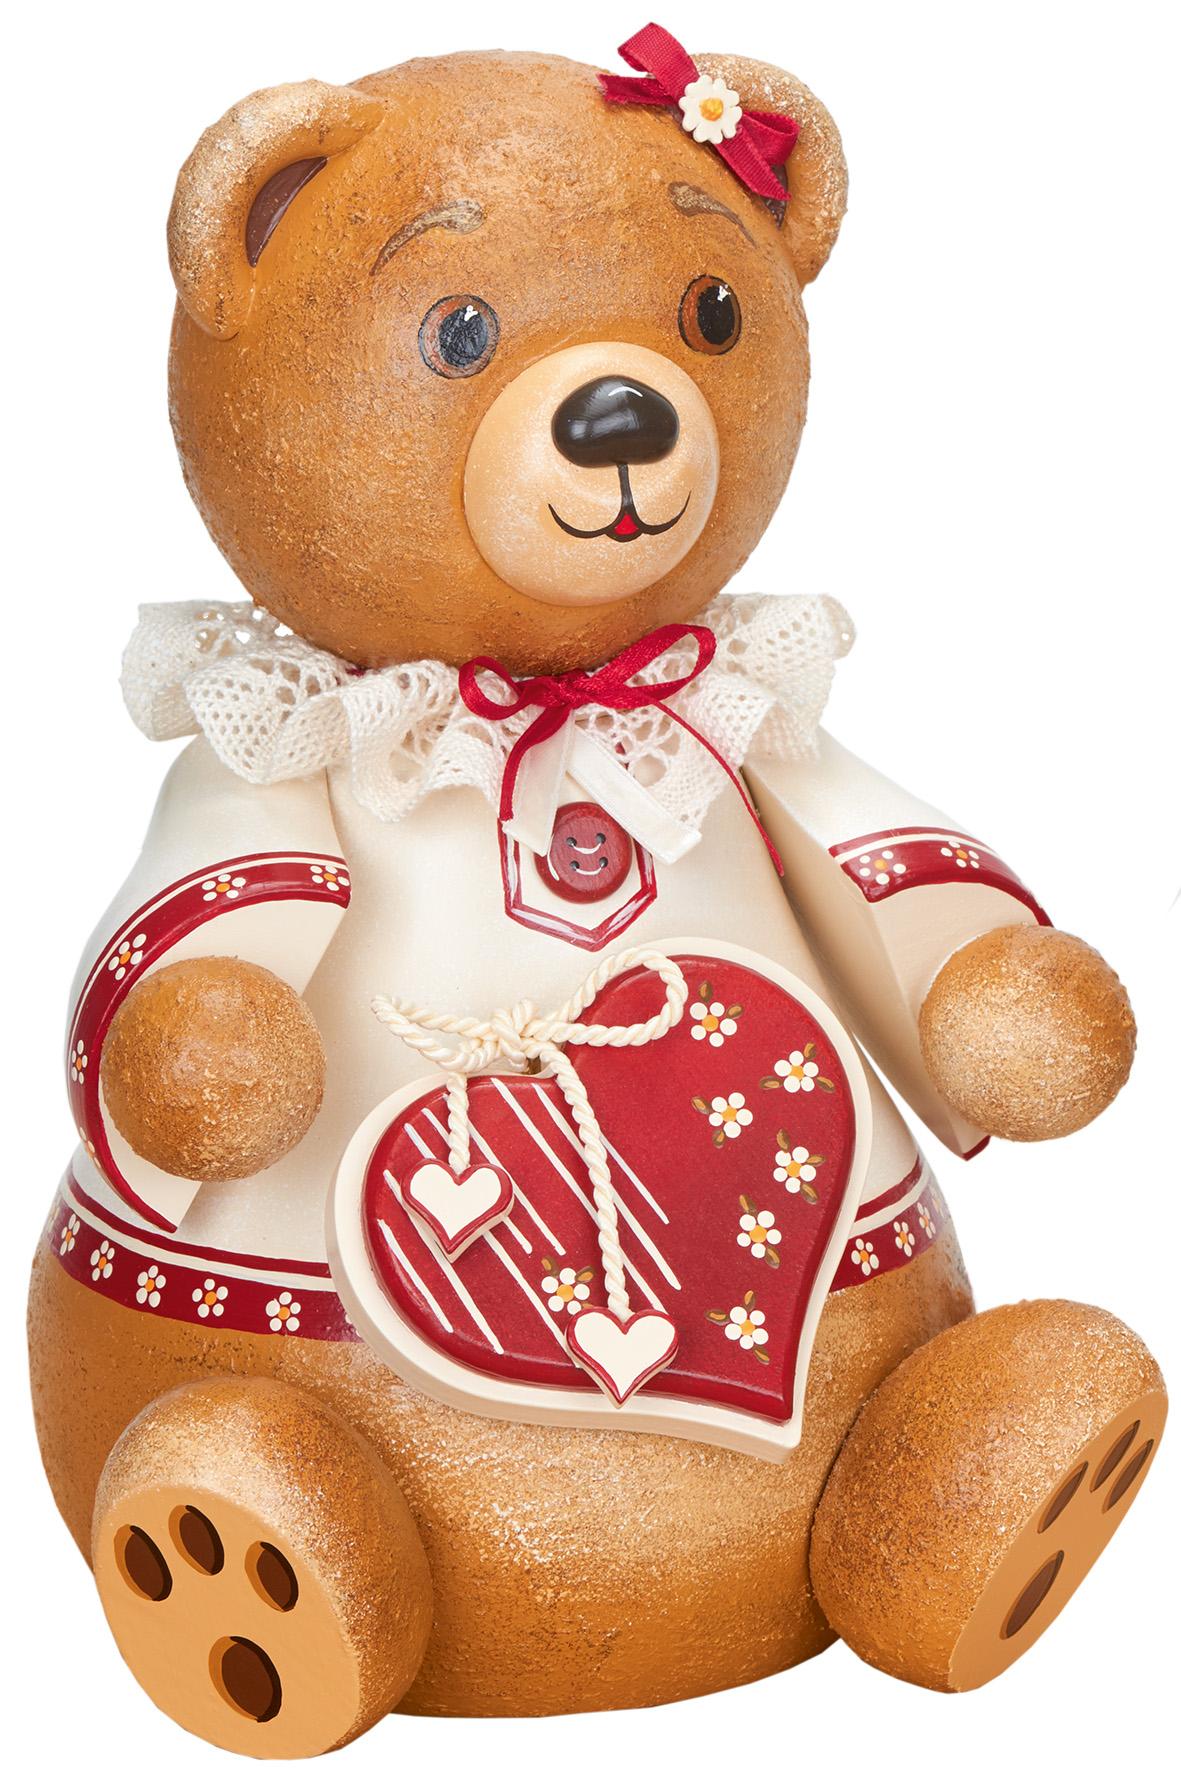 Hubrig Hubiduu ® - Teddy mit Herz - Unsere Elli | Original Hubrig ...